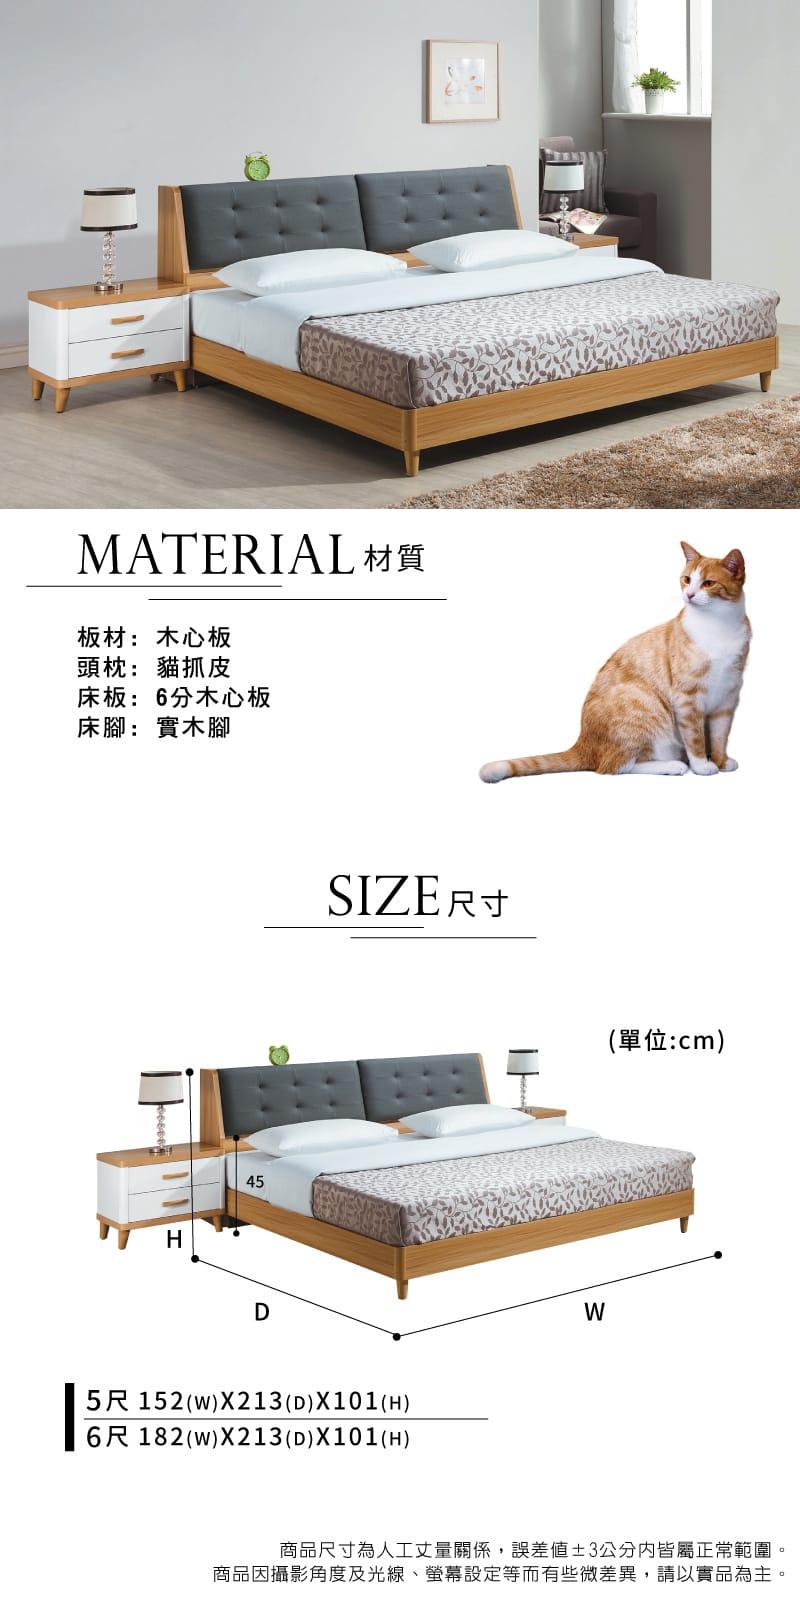 貓抓皮收納床架 雙人5尺【寶格麗】